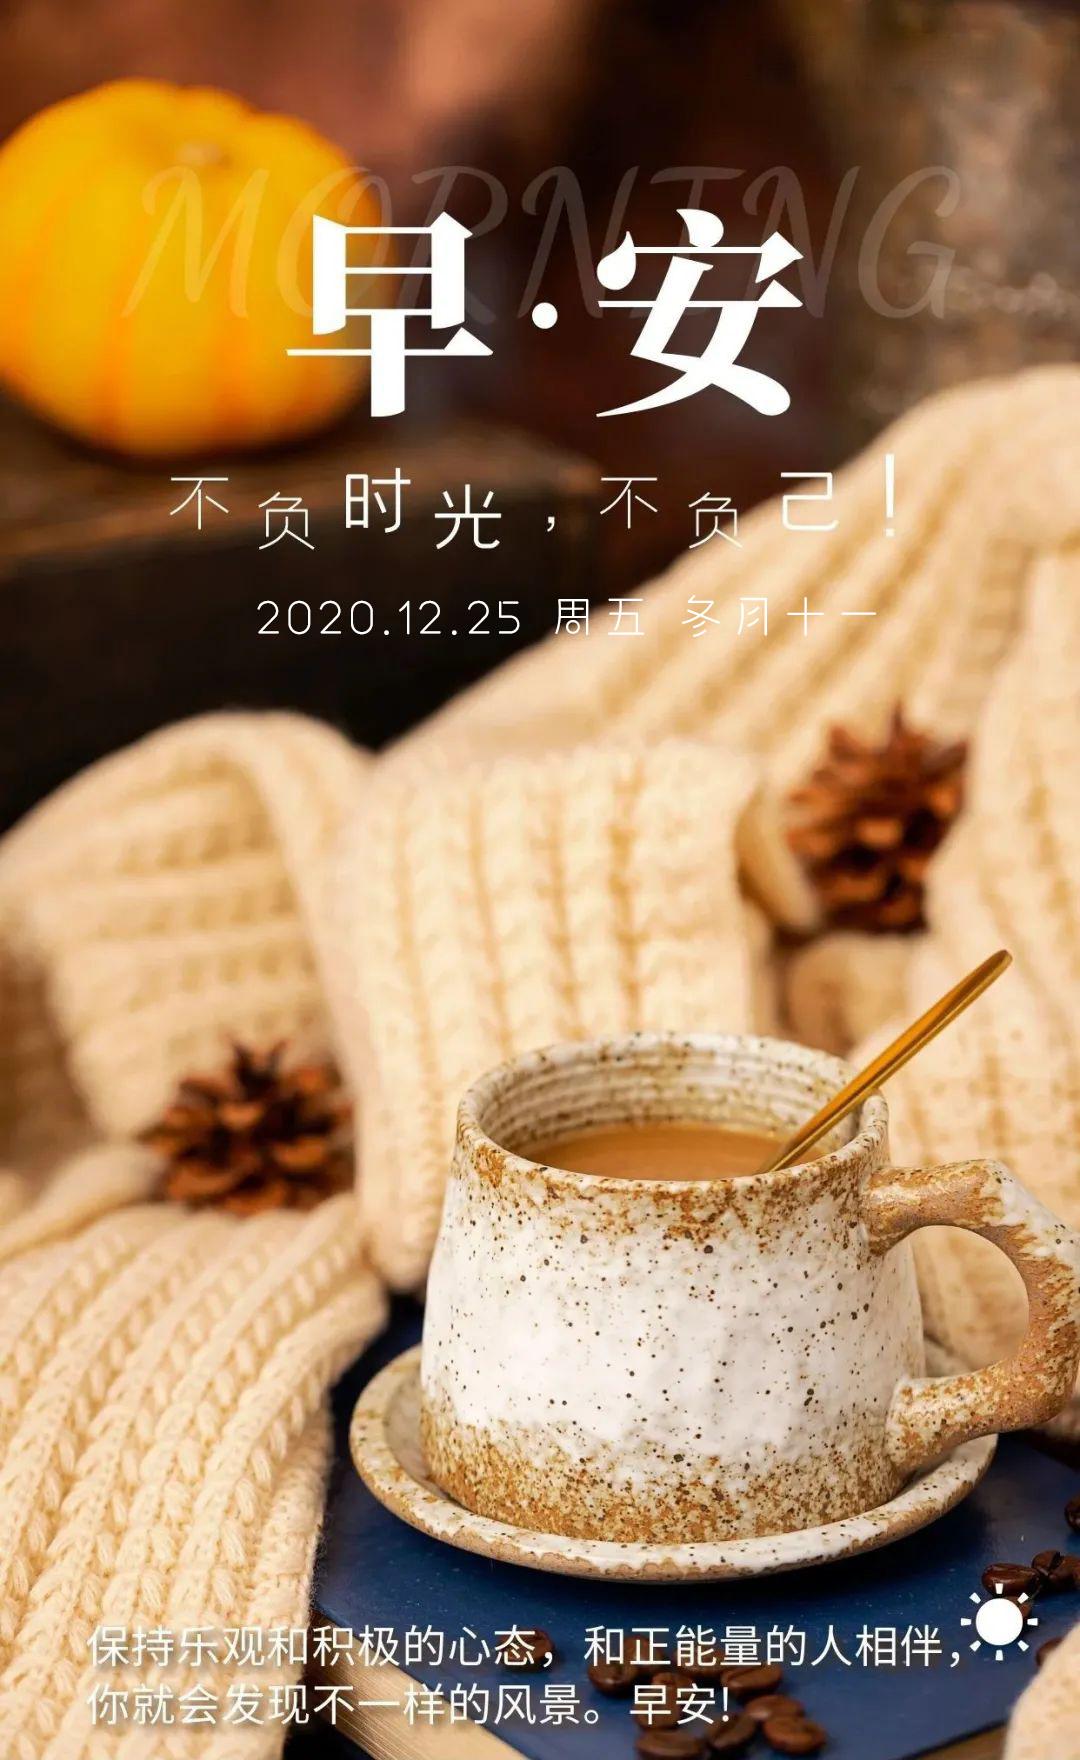 早上发朋友圈的正能量语录配图片,12月25日阳光日签加字